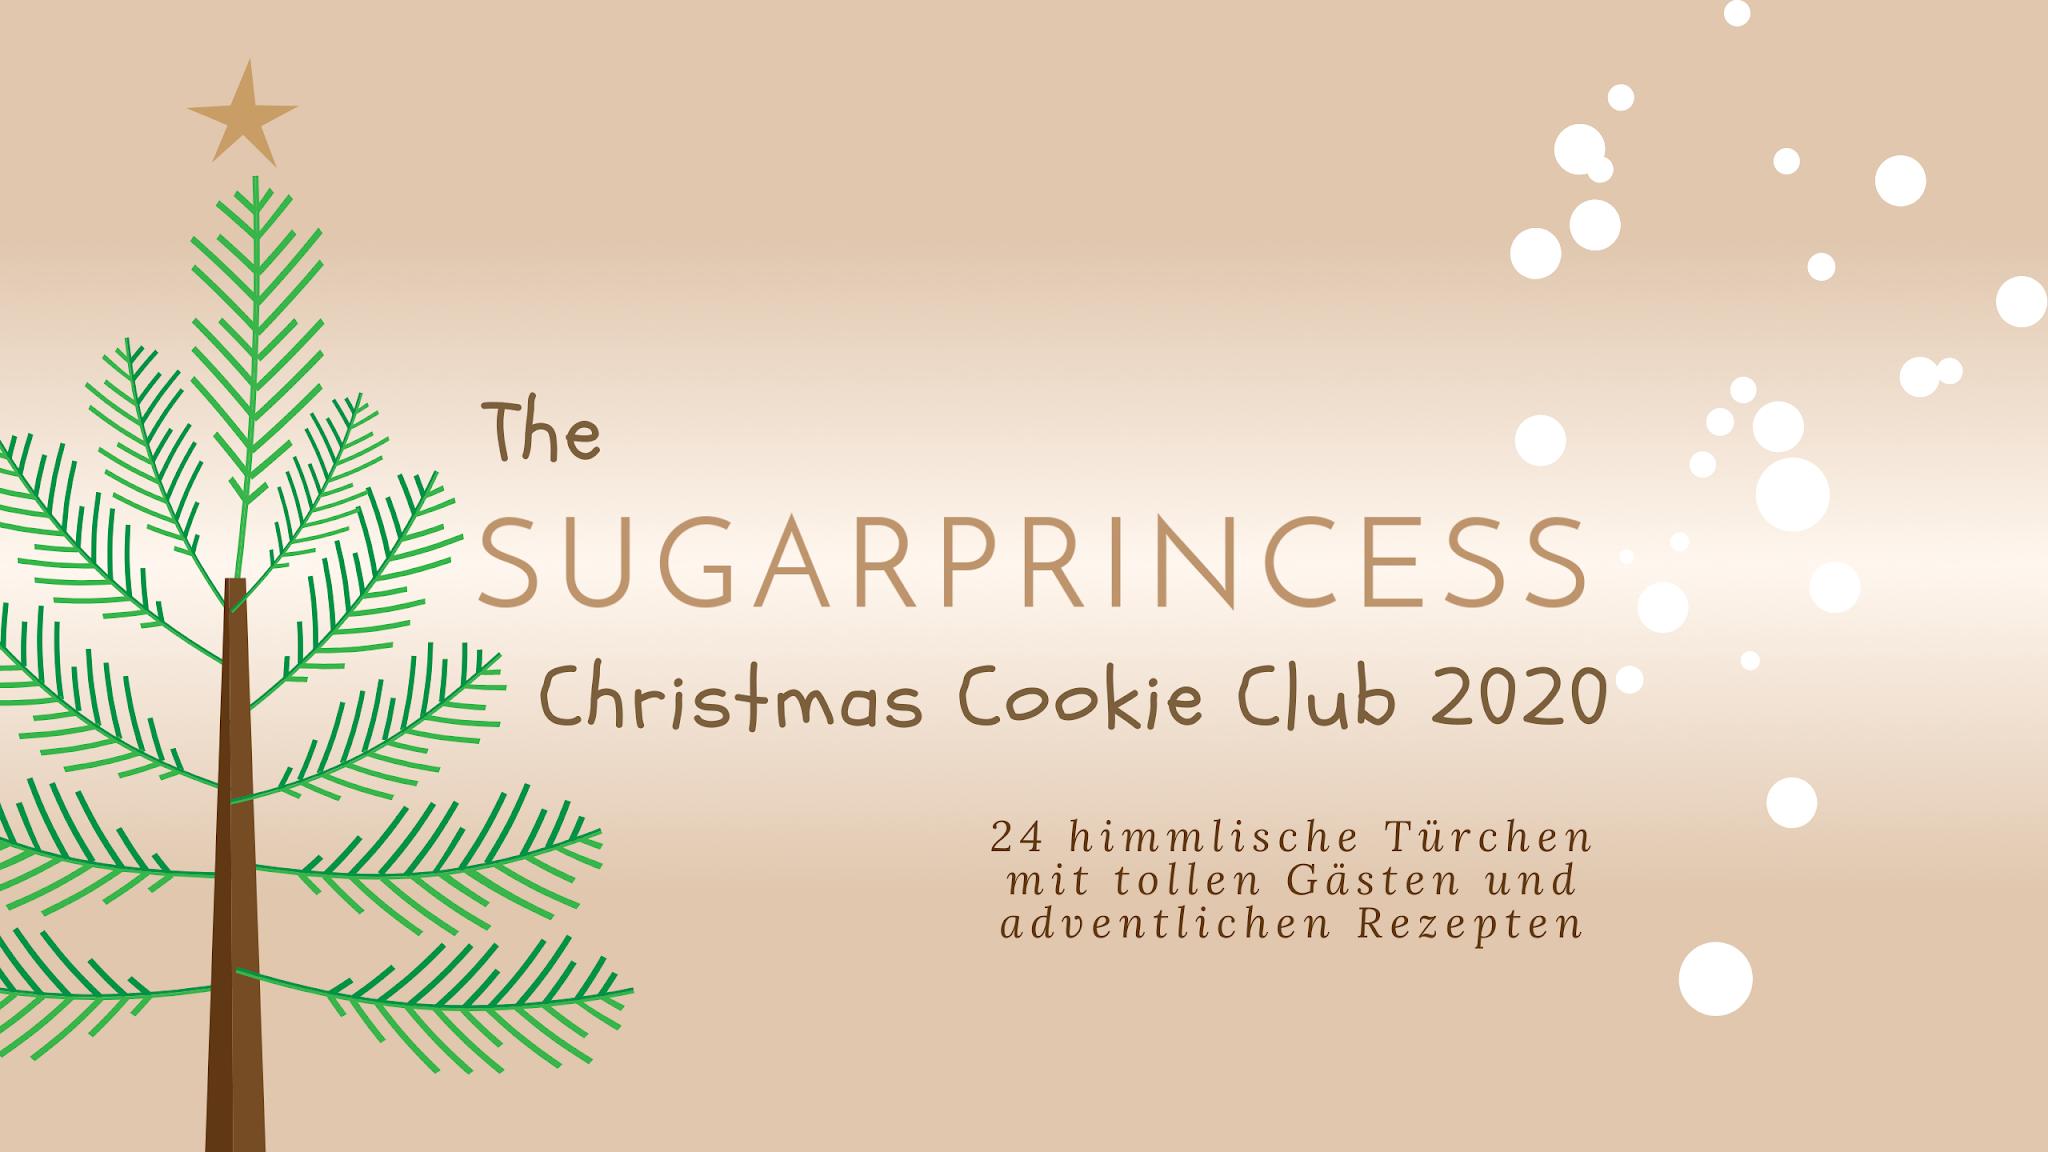 The Sugarprincess Christmas Cookie Club 2020